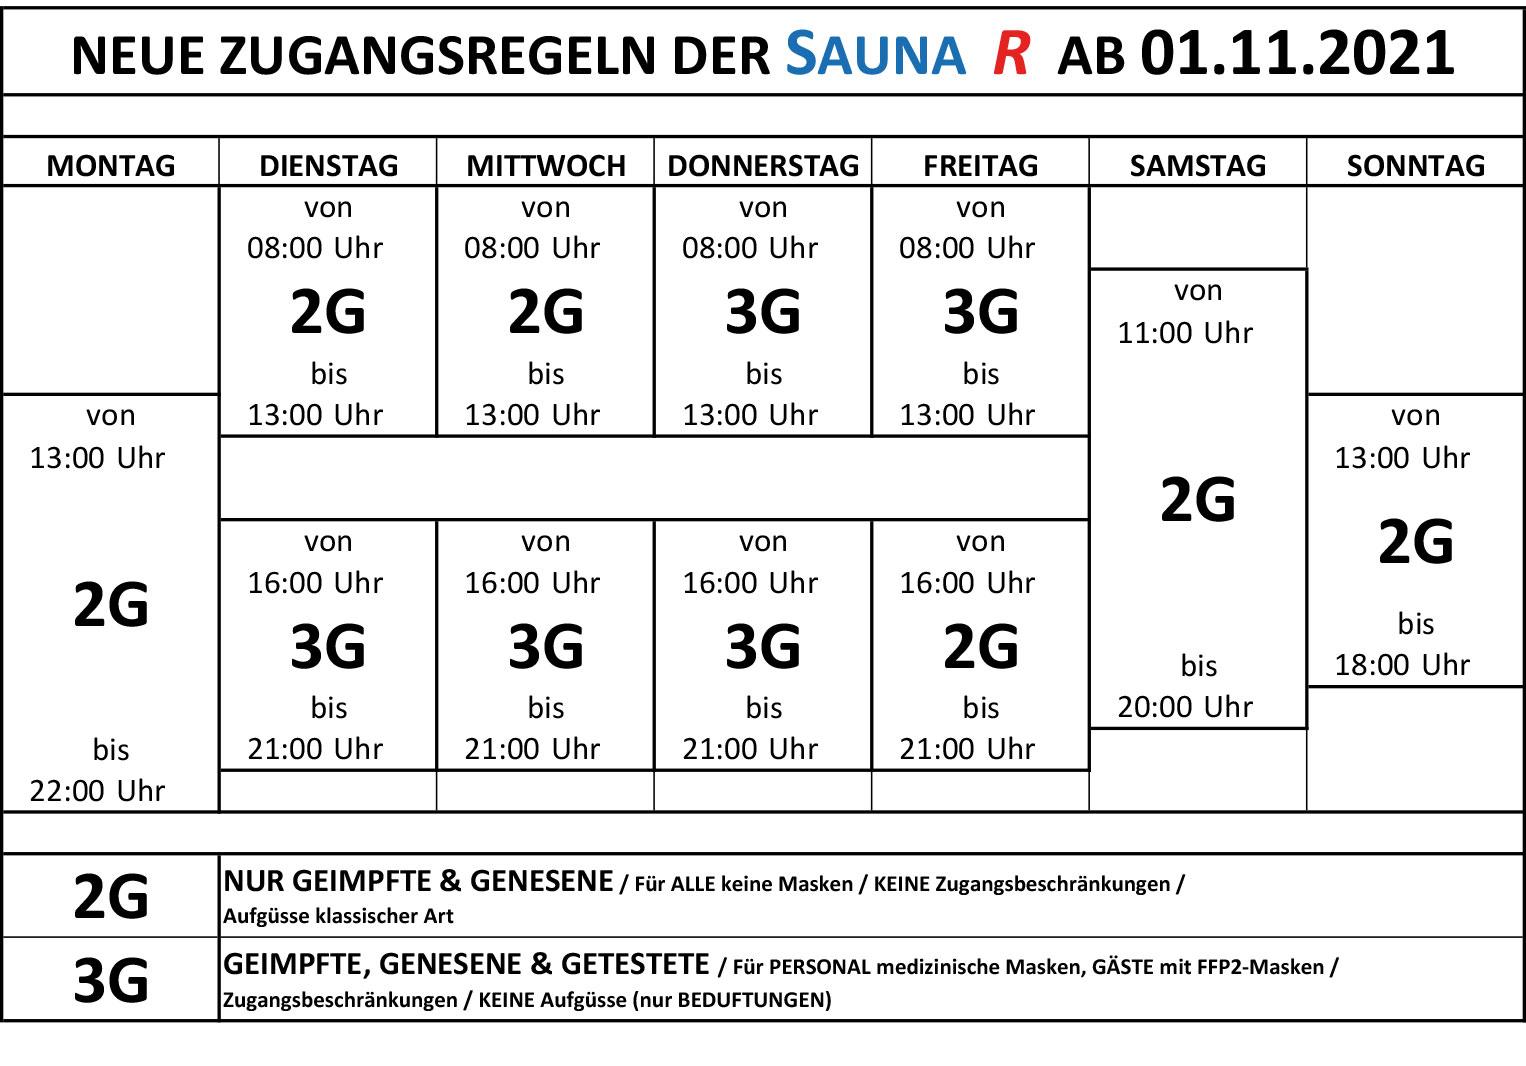 Zugangsregelung_SaunaR